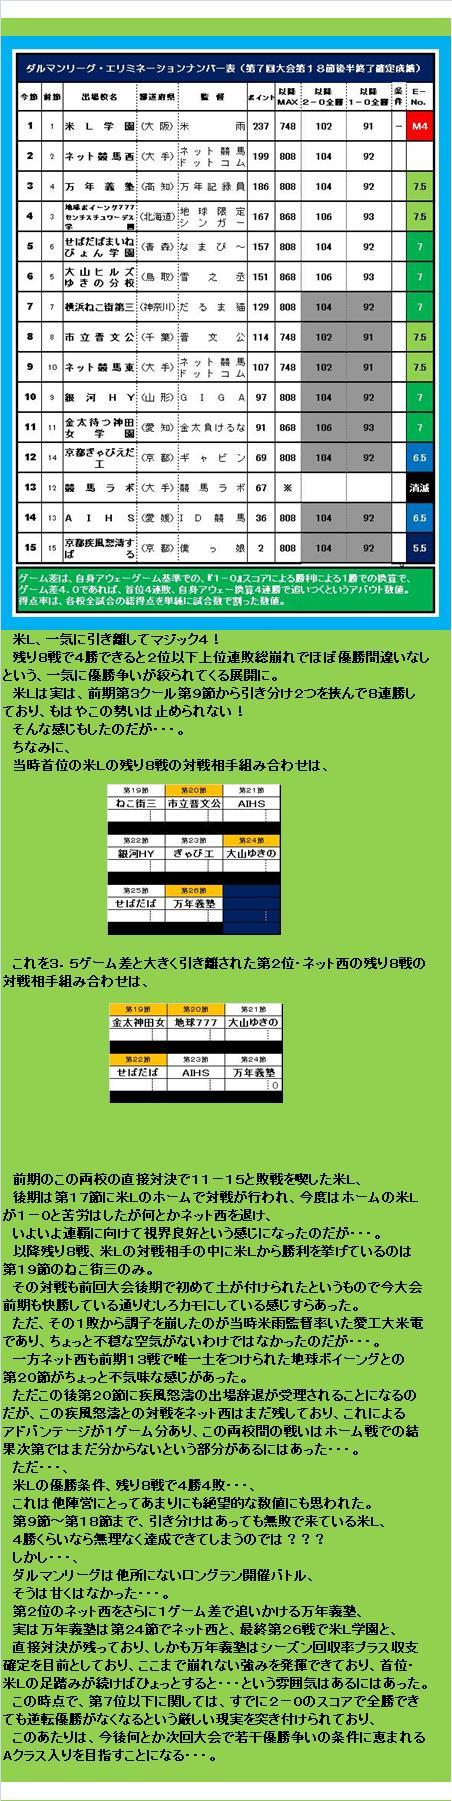 20160619・ダルマンリーグ第26節後半終了結果③D.jpg